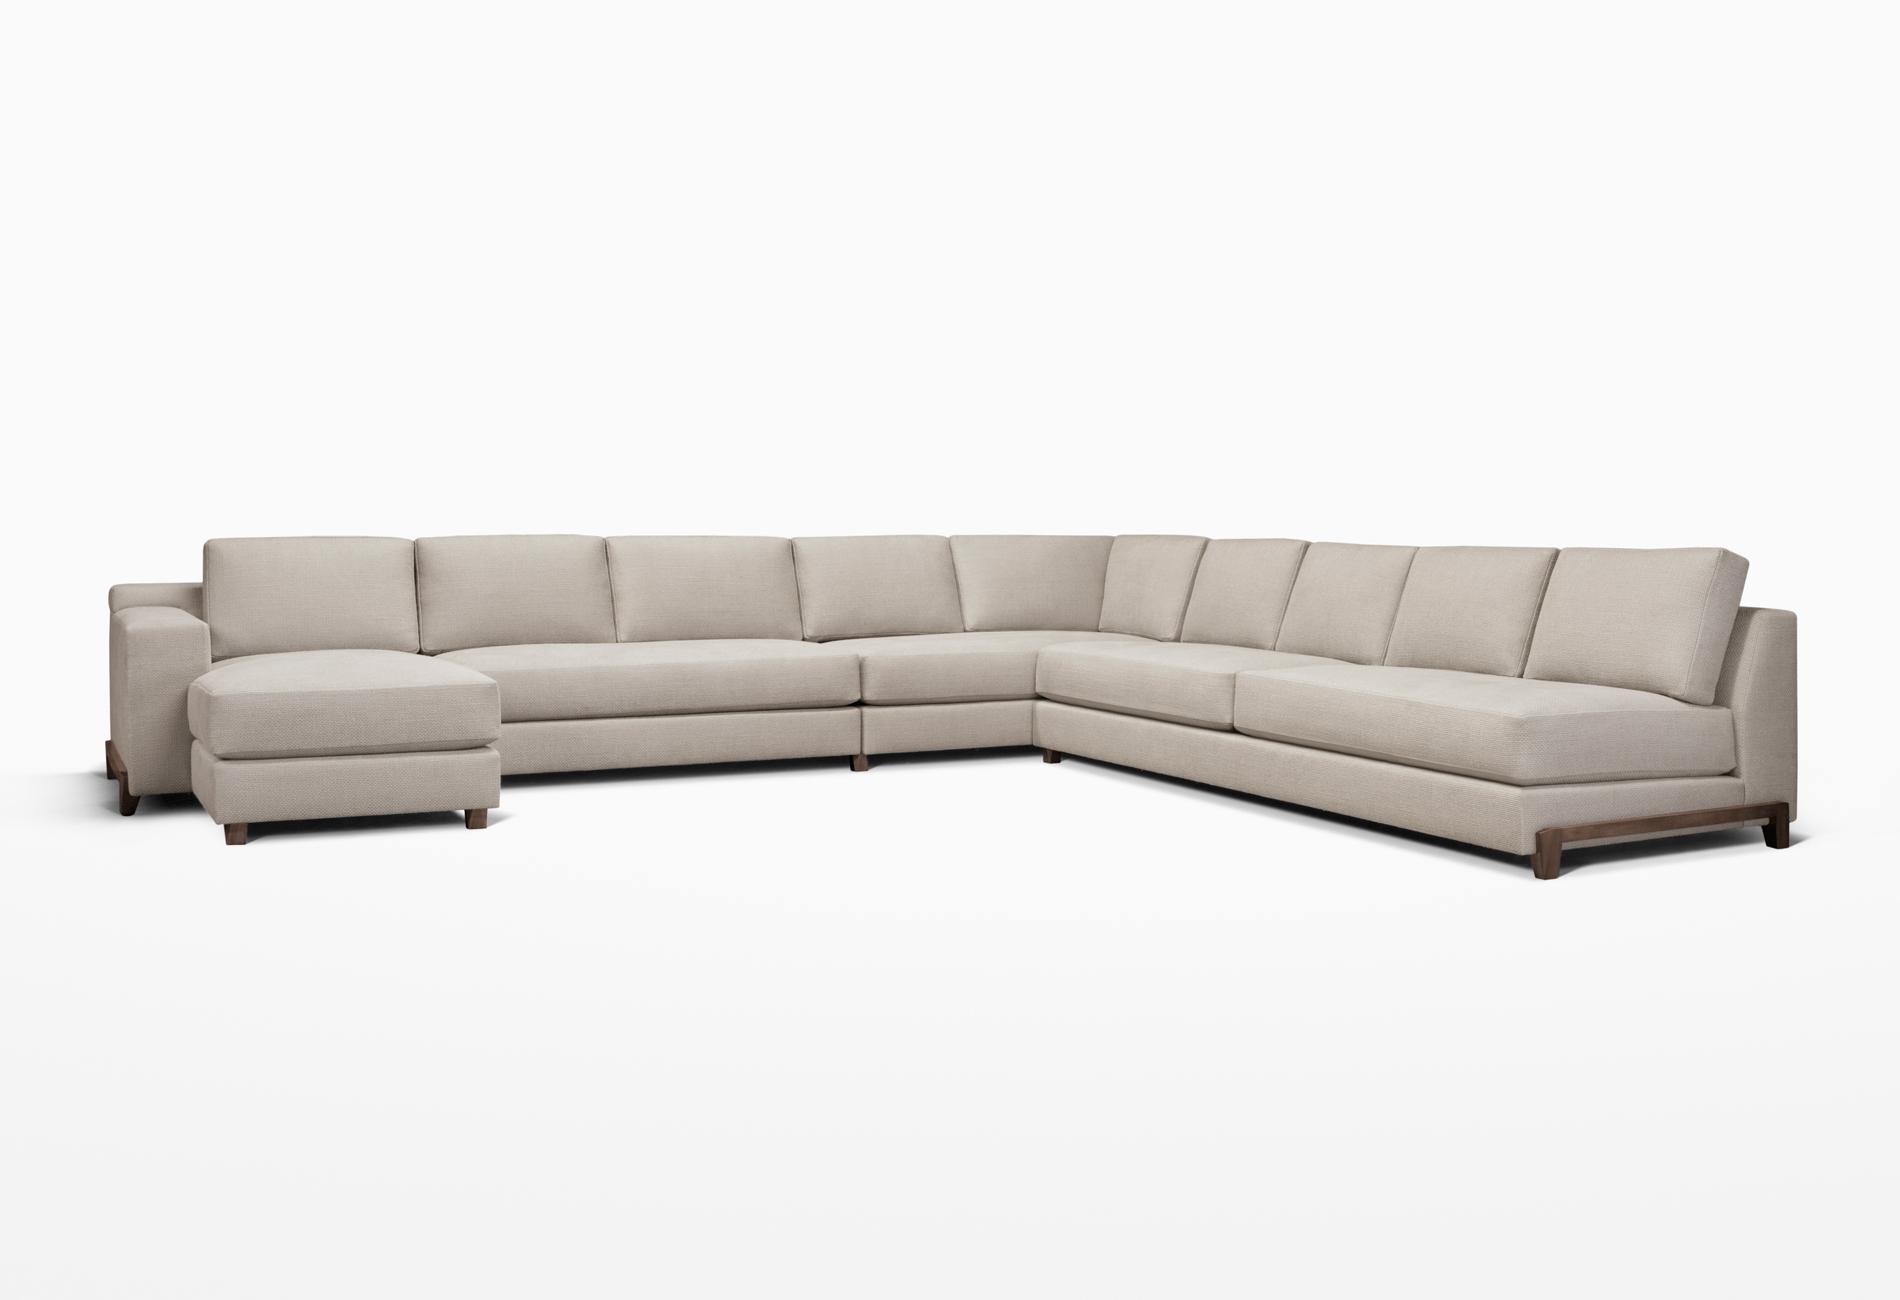 CMS Living Room Sectional (4).jpg